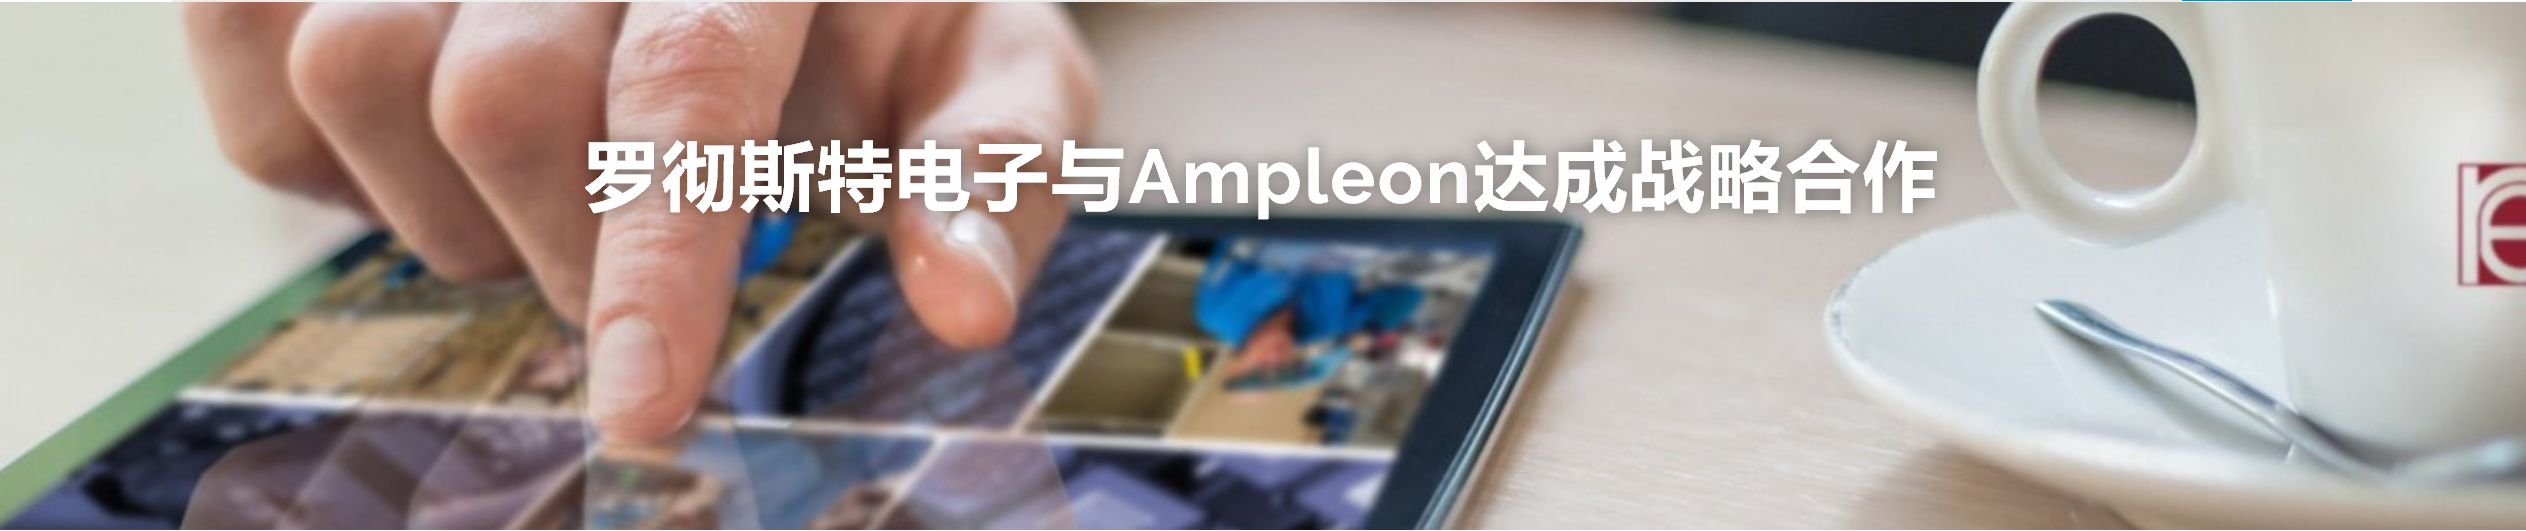 Ampleon携手罗彻斯特电子,为客户提供长期供货支持